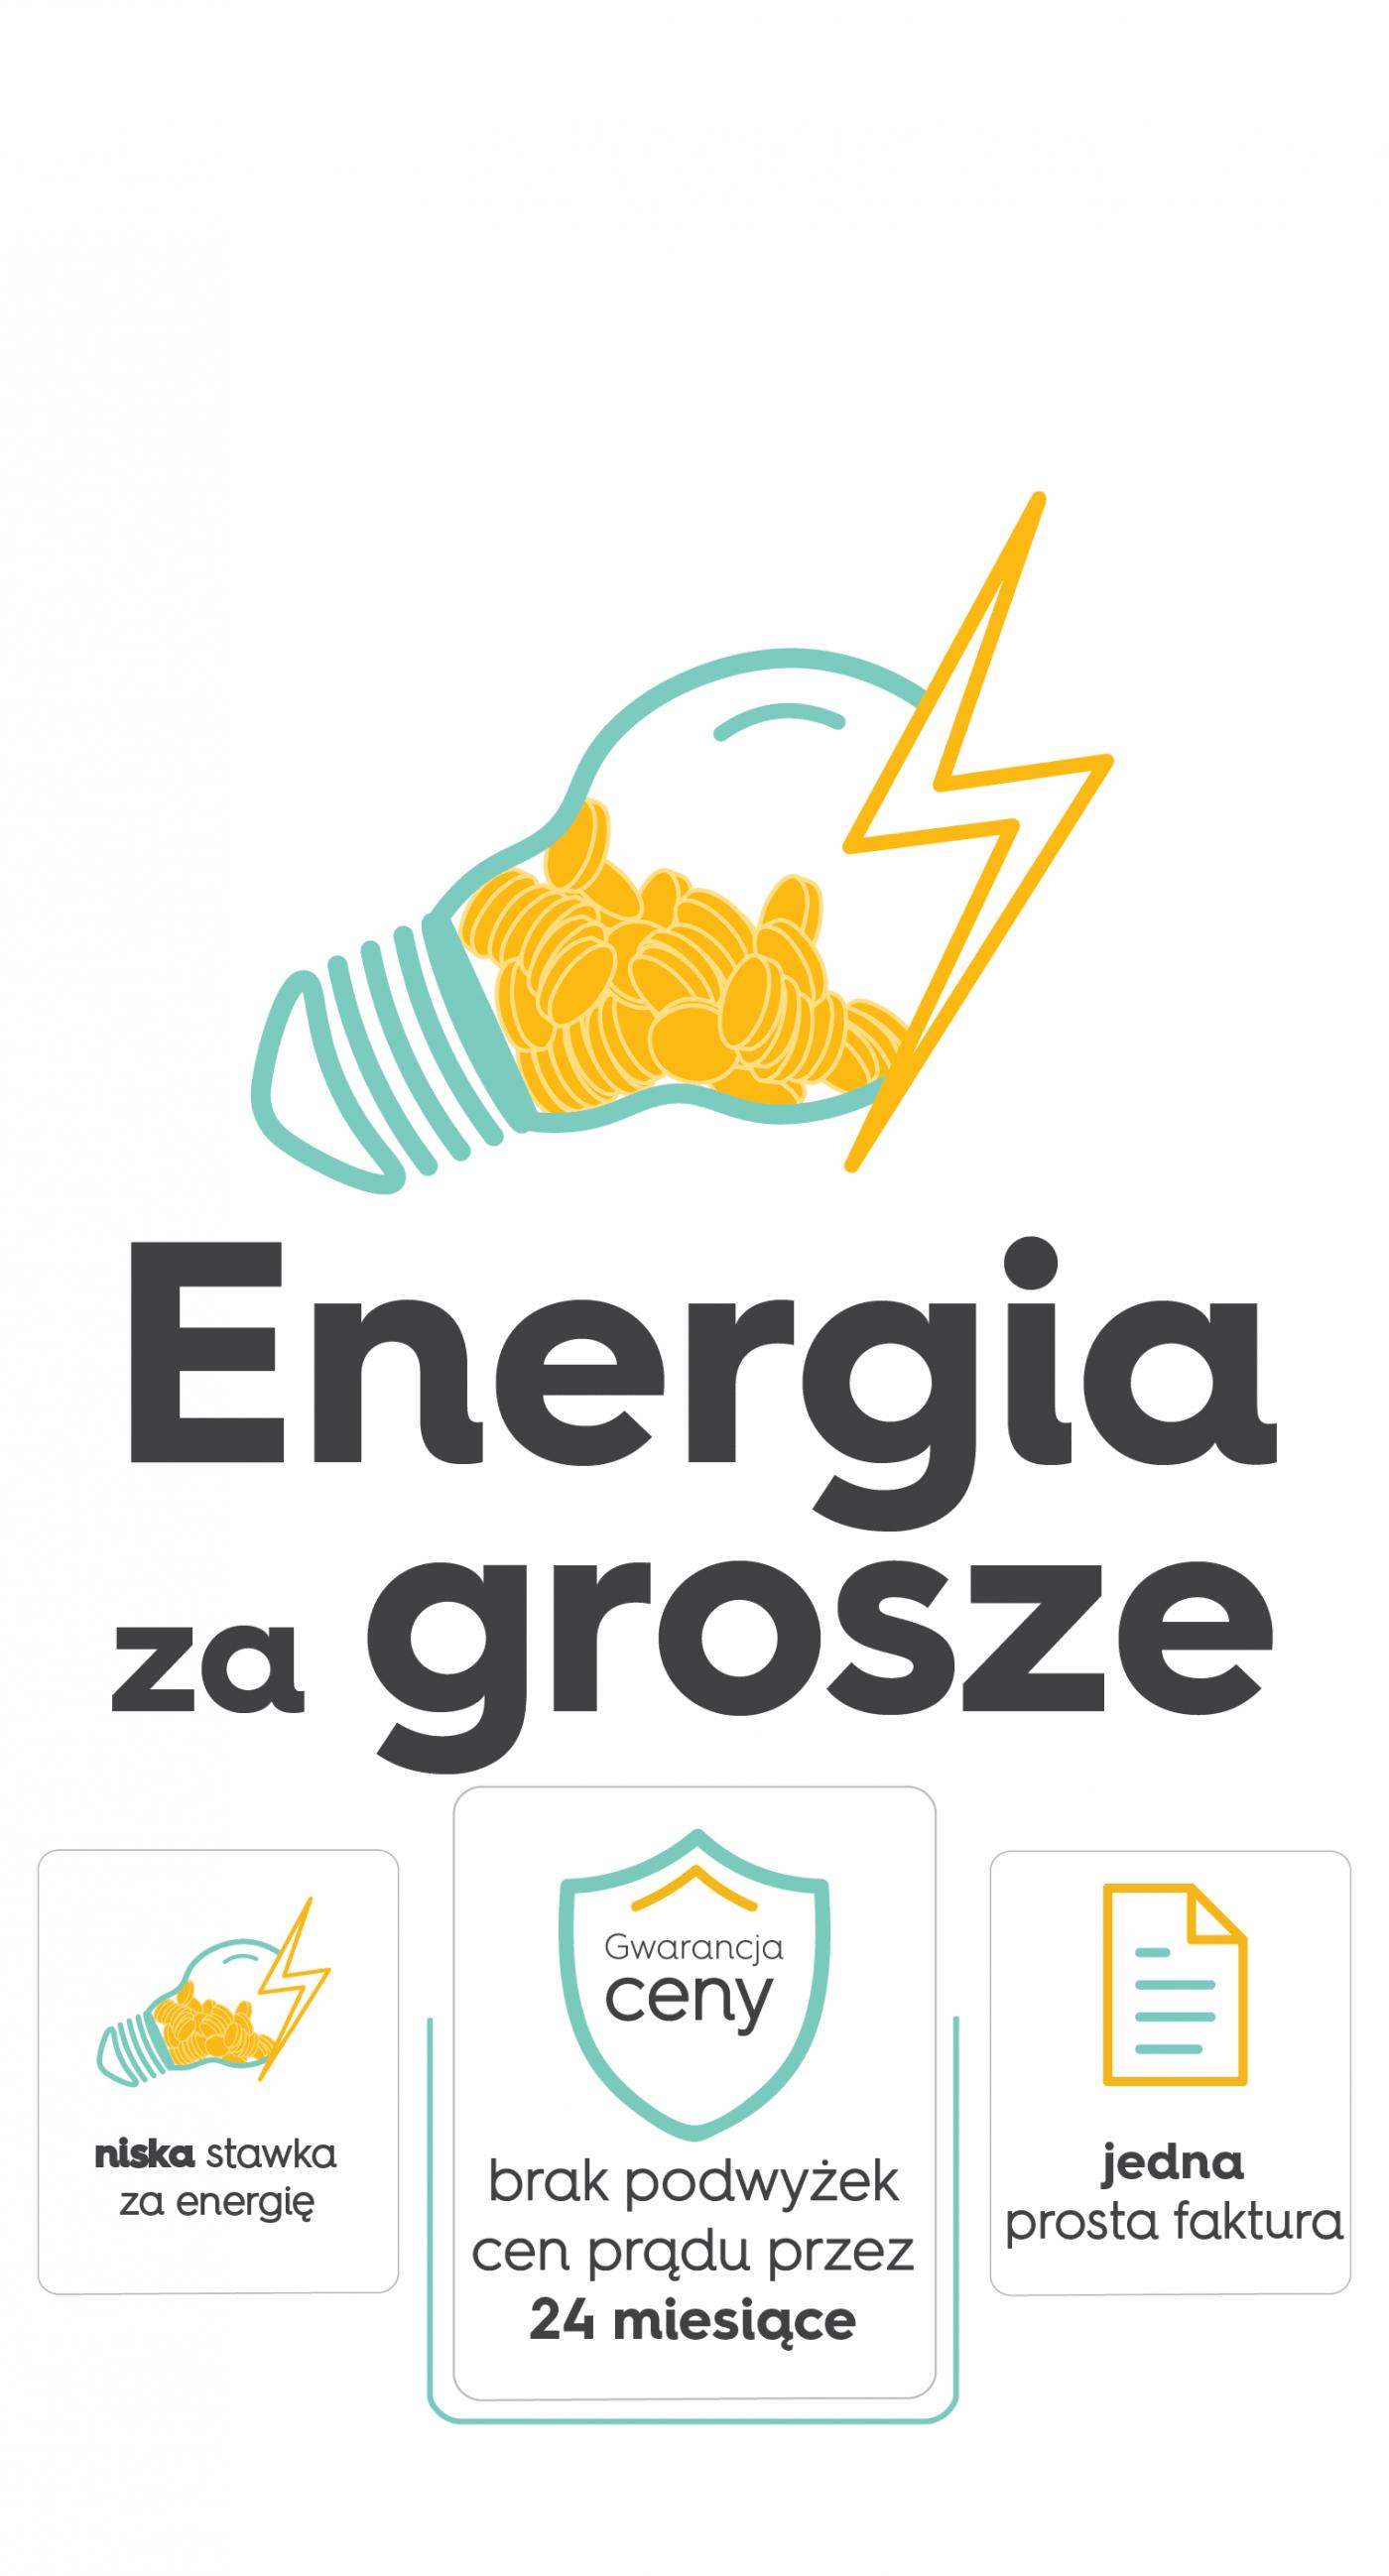 energia-za-grosze-poprawki.png